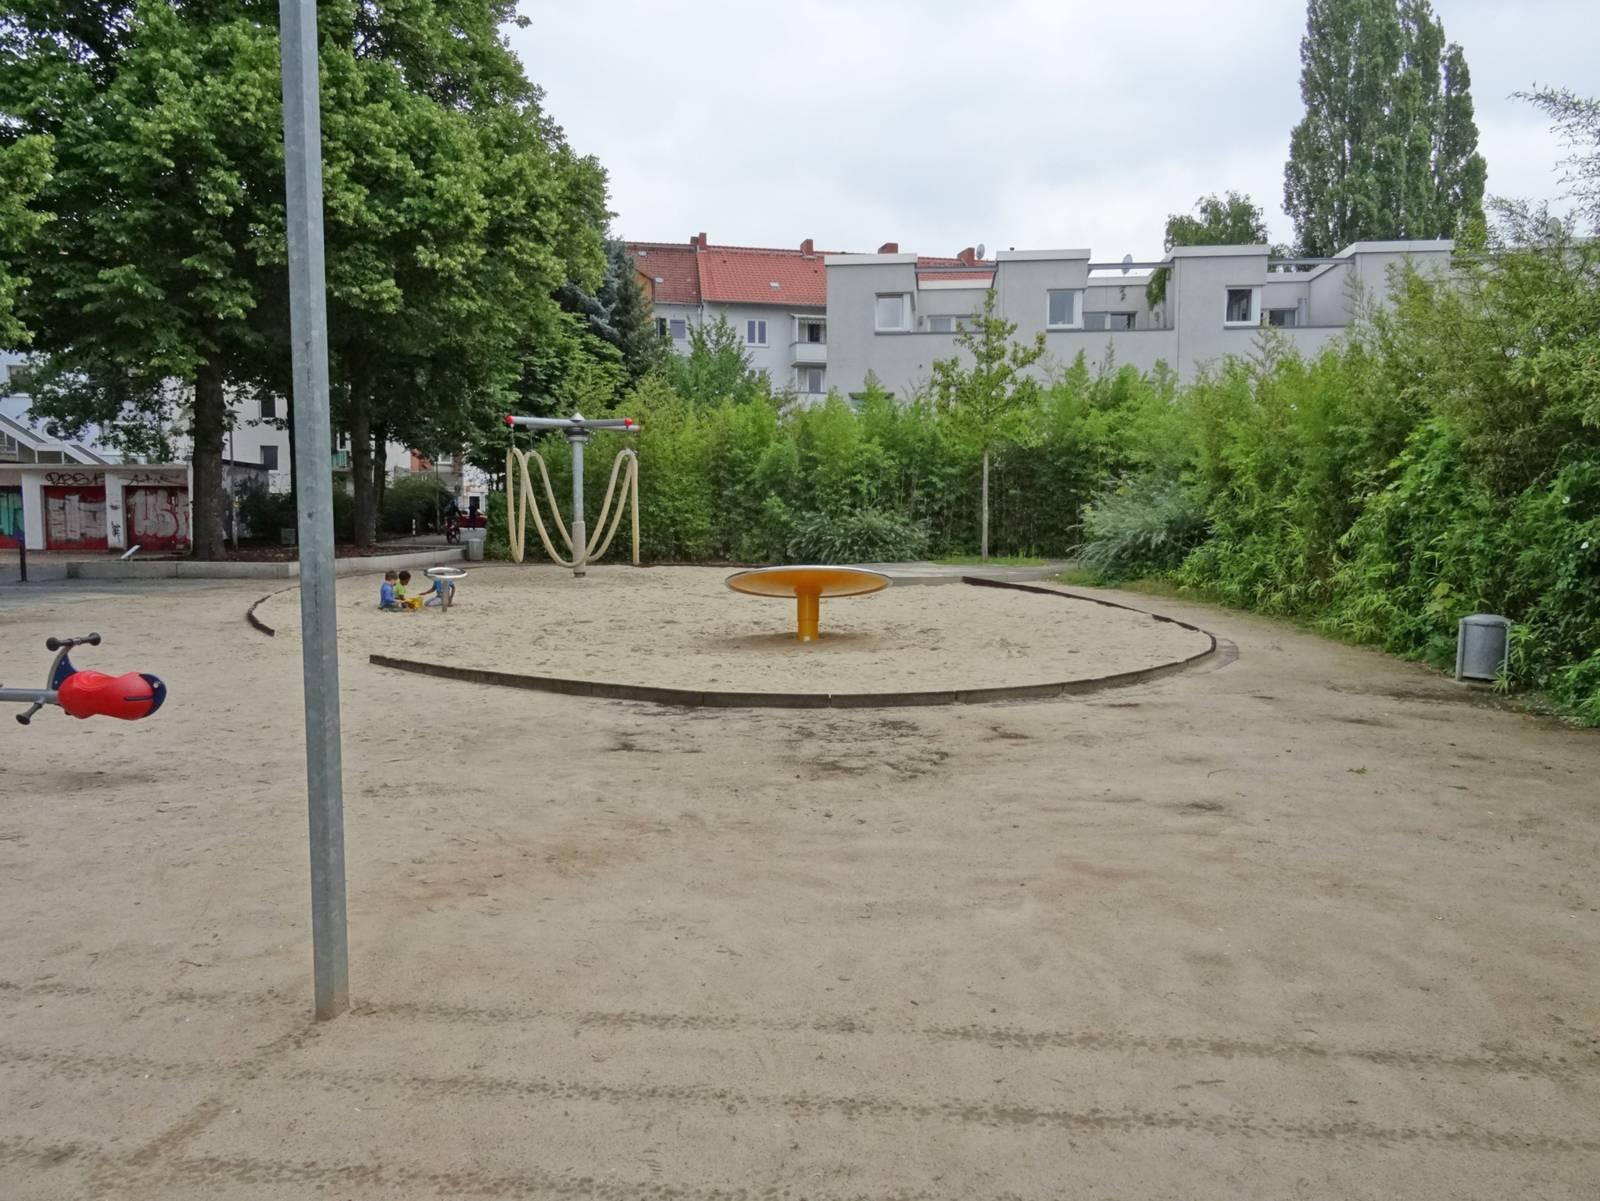 Spielplatz.